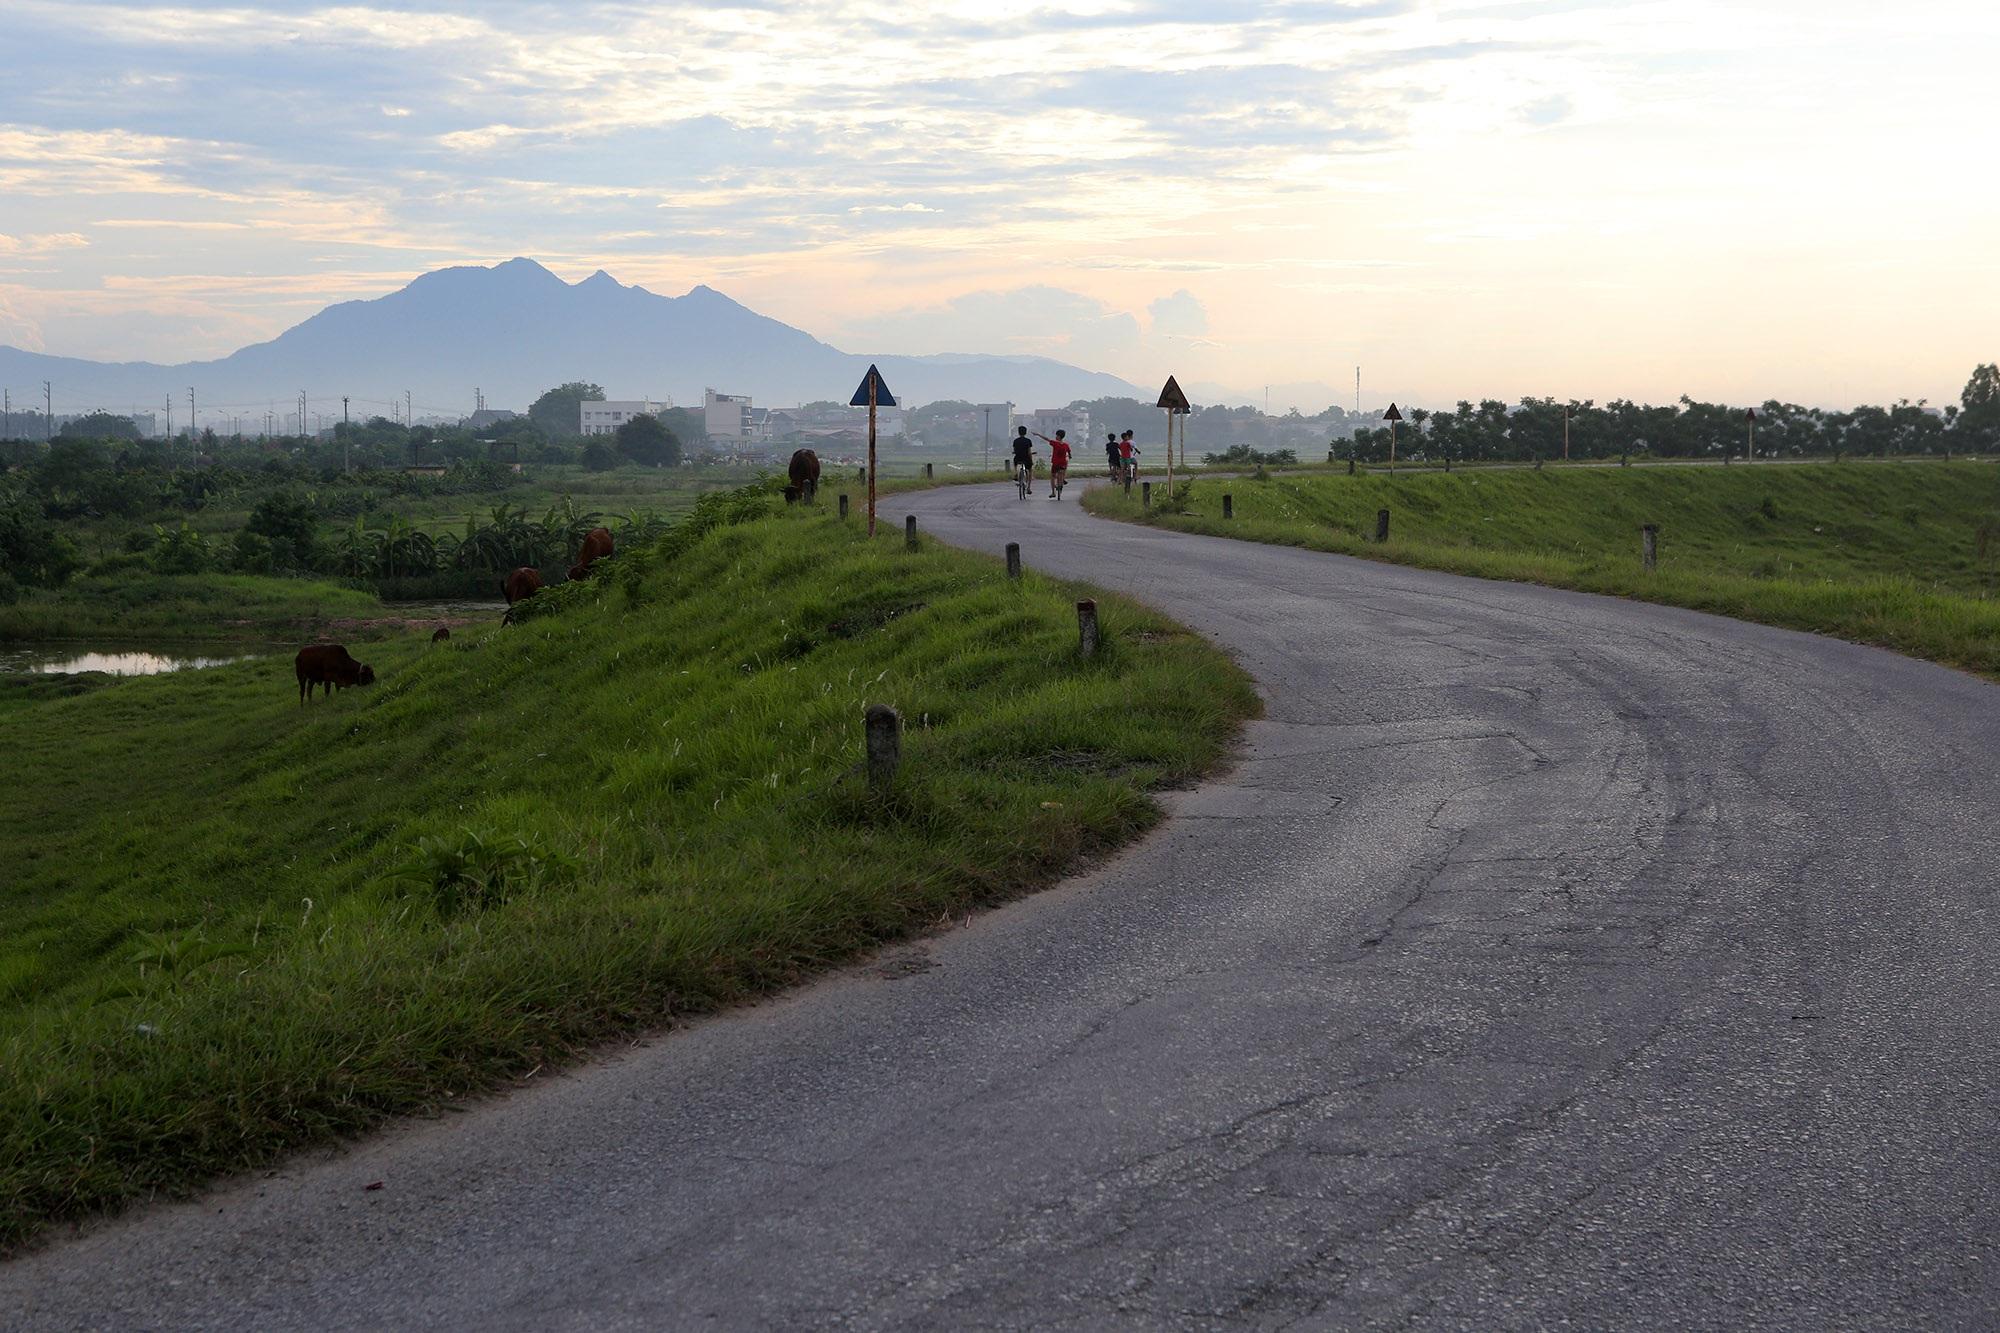 Phong cảnh bình yên nhìn từ những triền đê ở Hà Nội - 1